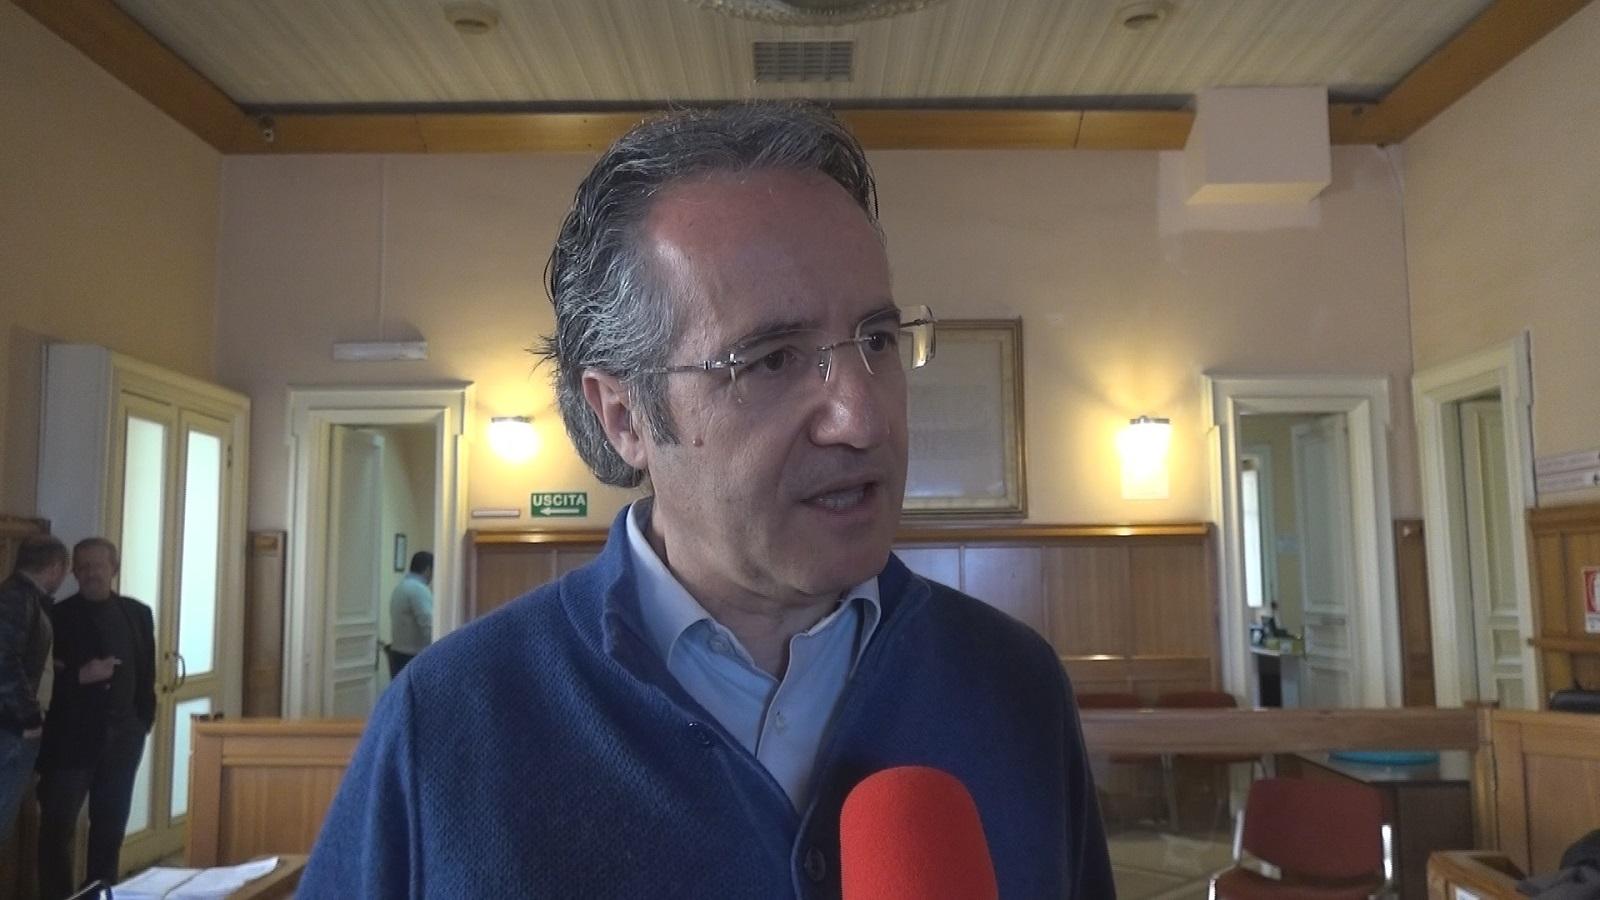 Benevento| Consiglio comunale, si dimette Fausto Pepe. Lepore in pole position